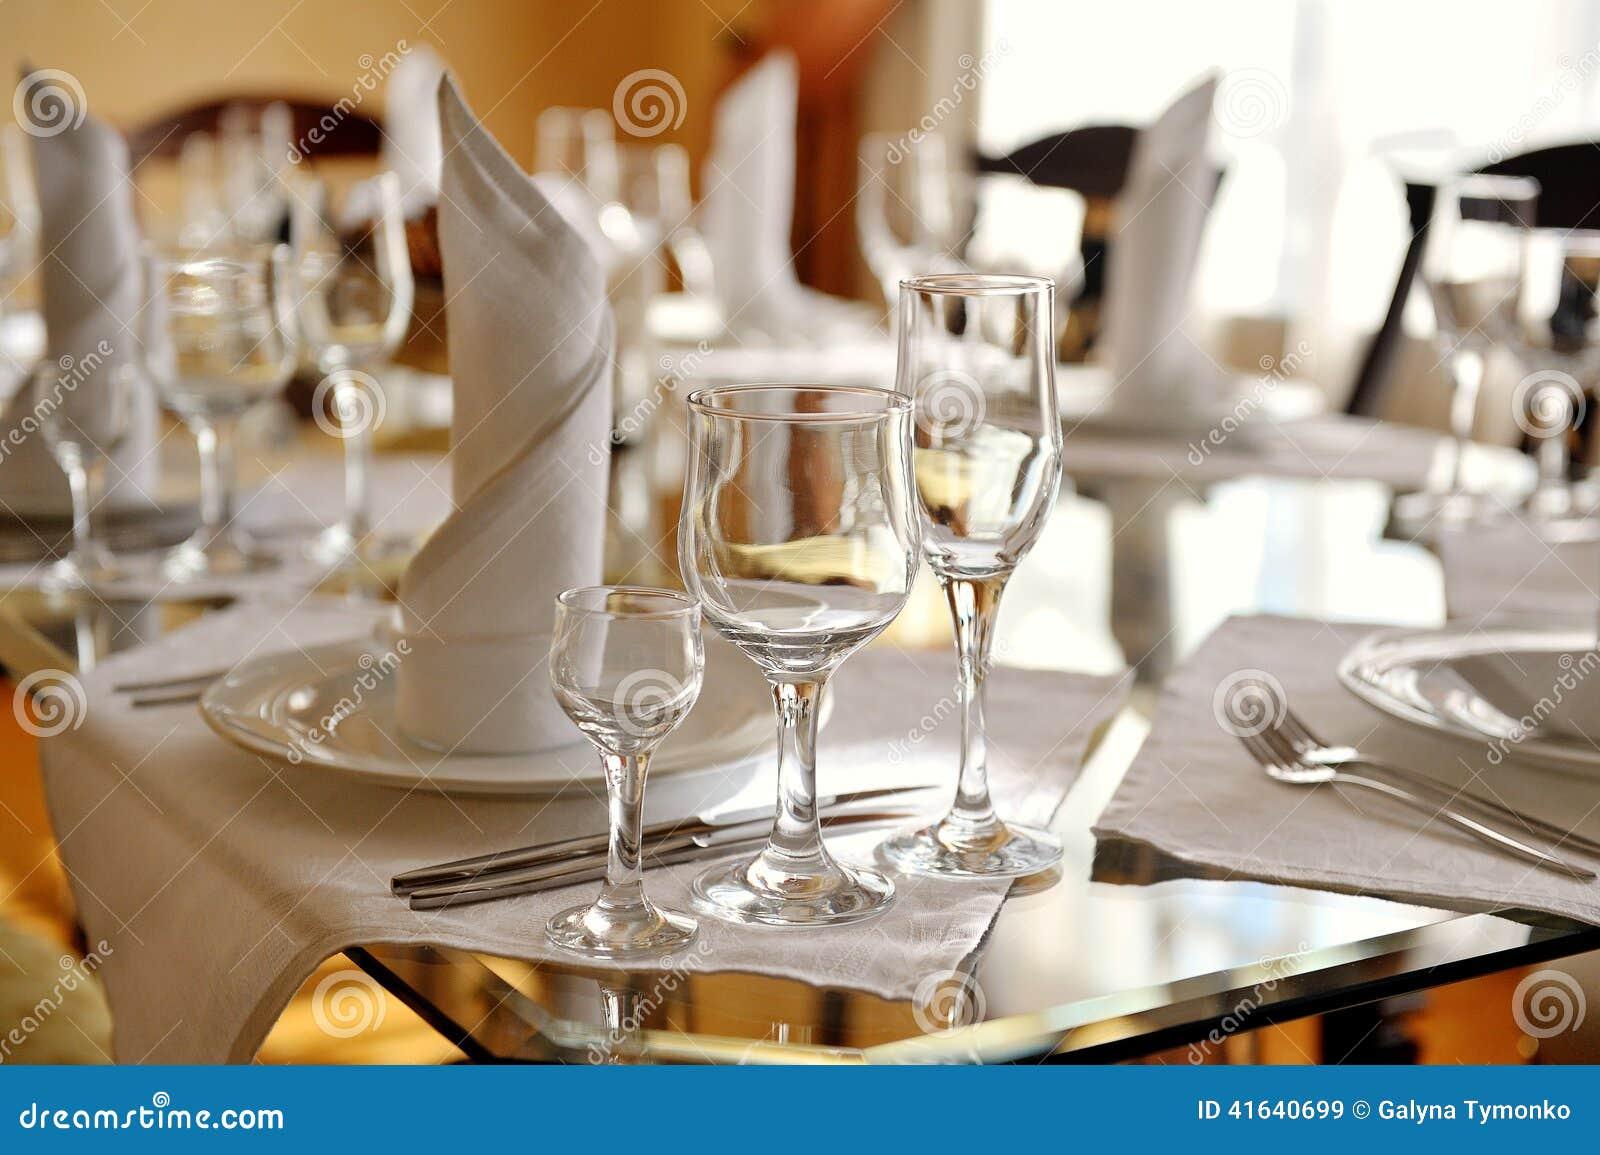 belle table décorée dans le restaurant photo stock - image: 41640699